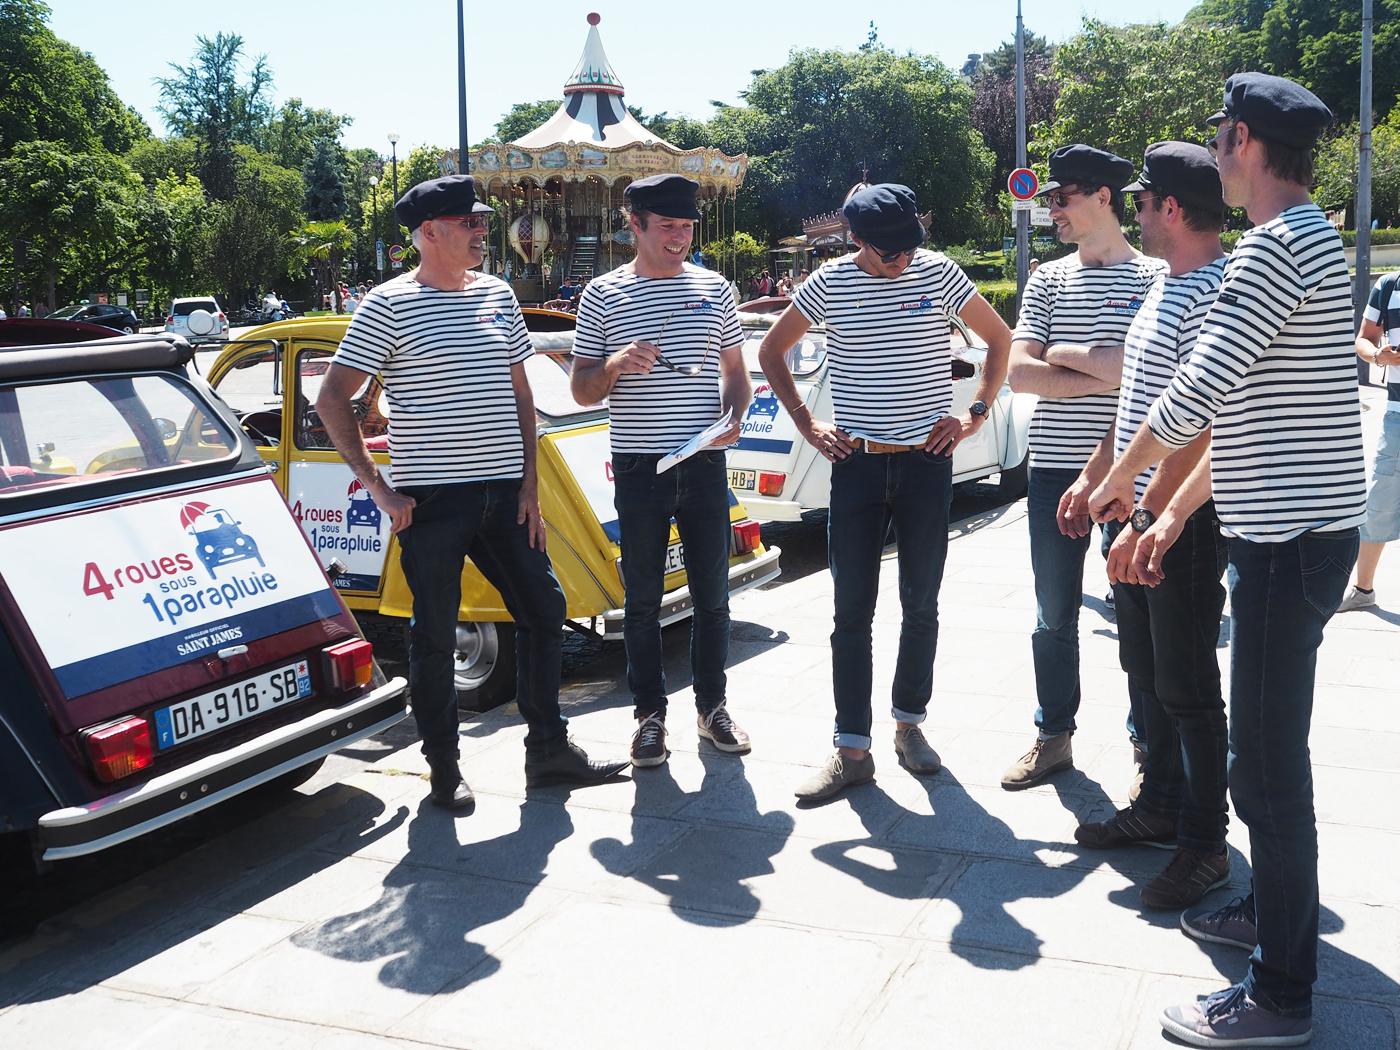 2CV car tour of Paris